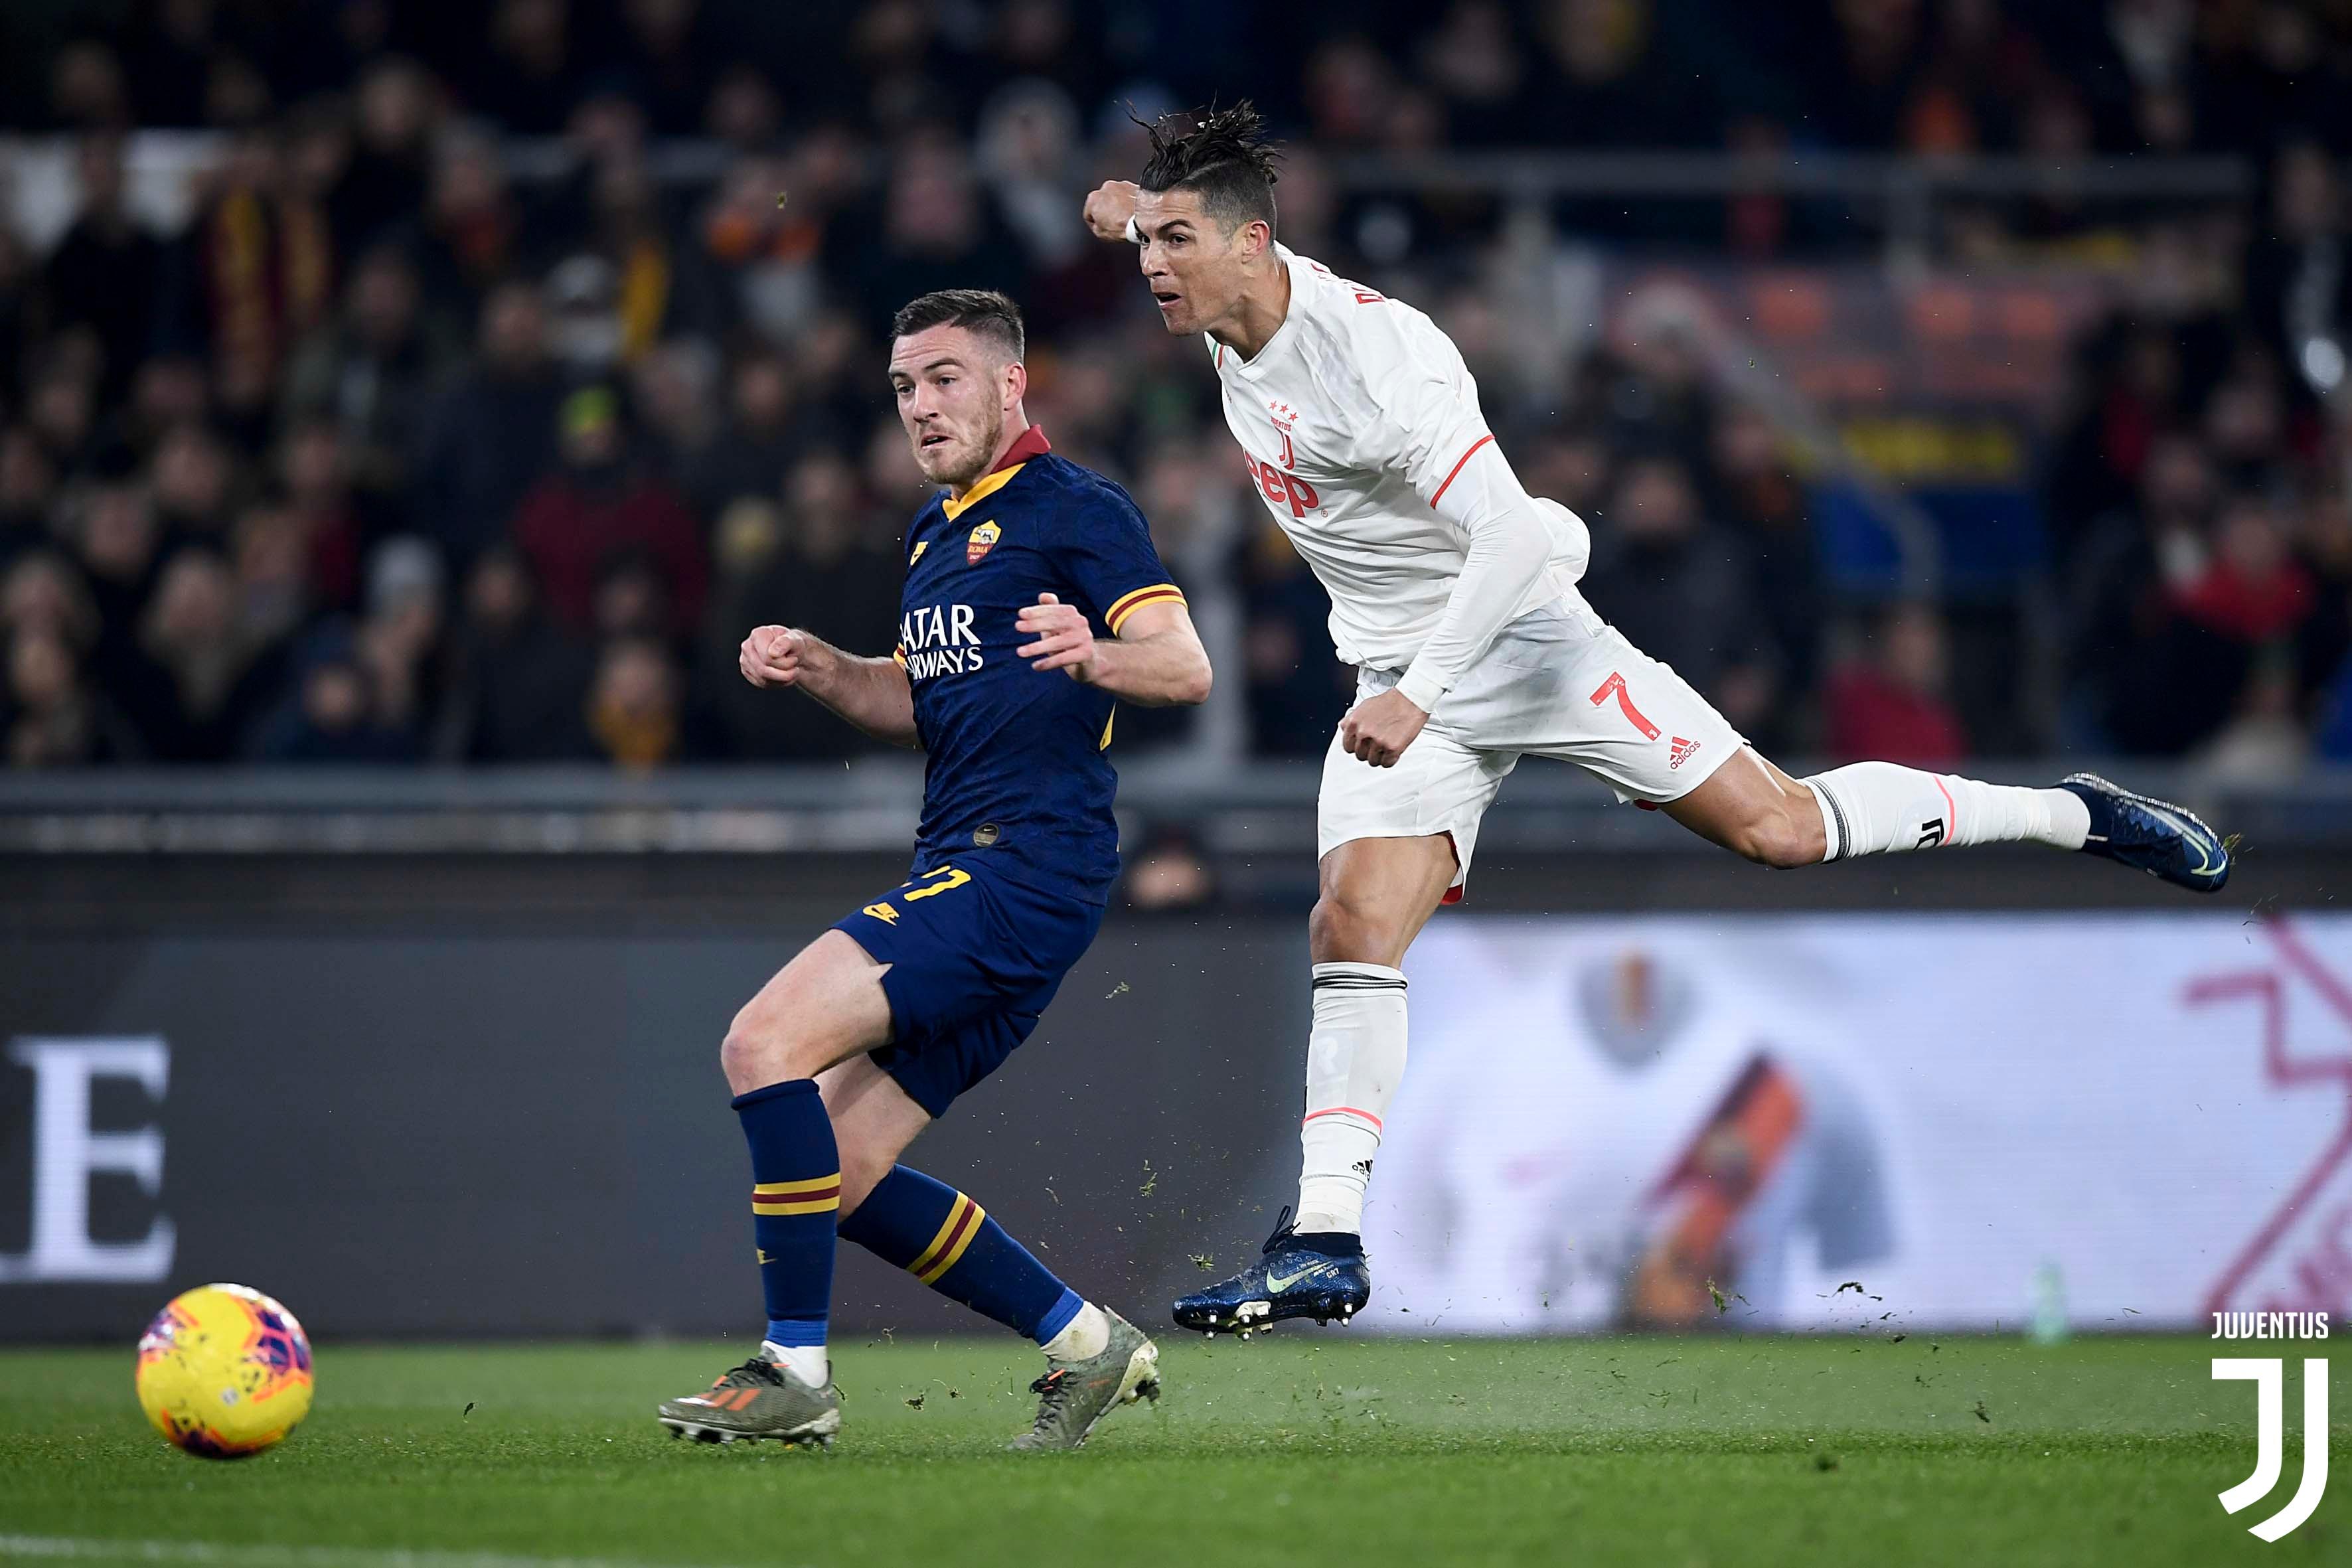 رونالدو يقود يوفنتوس للانتصار ثمين امام روما في قمّة ايطالية نارية